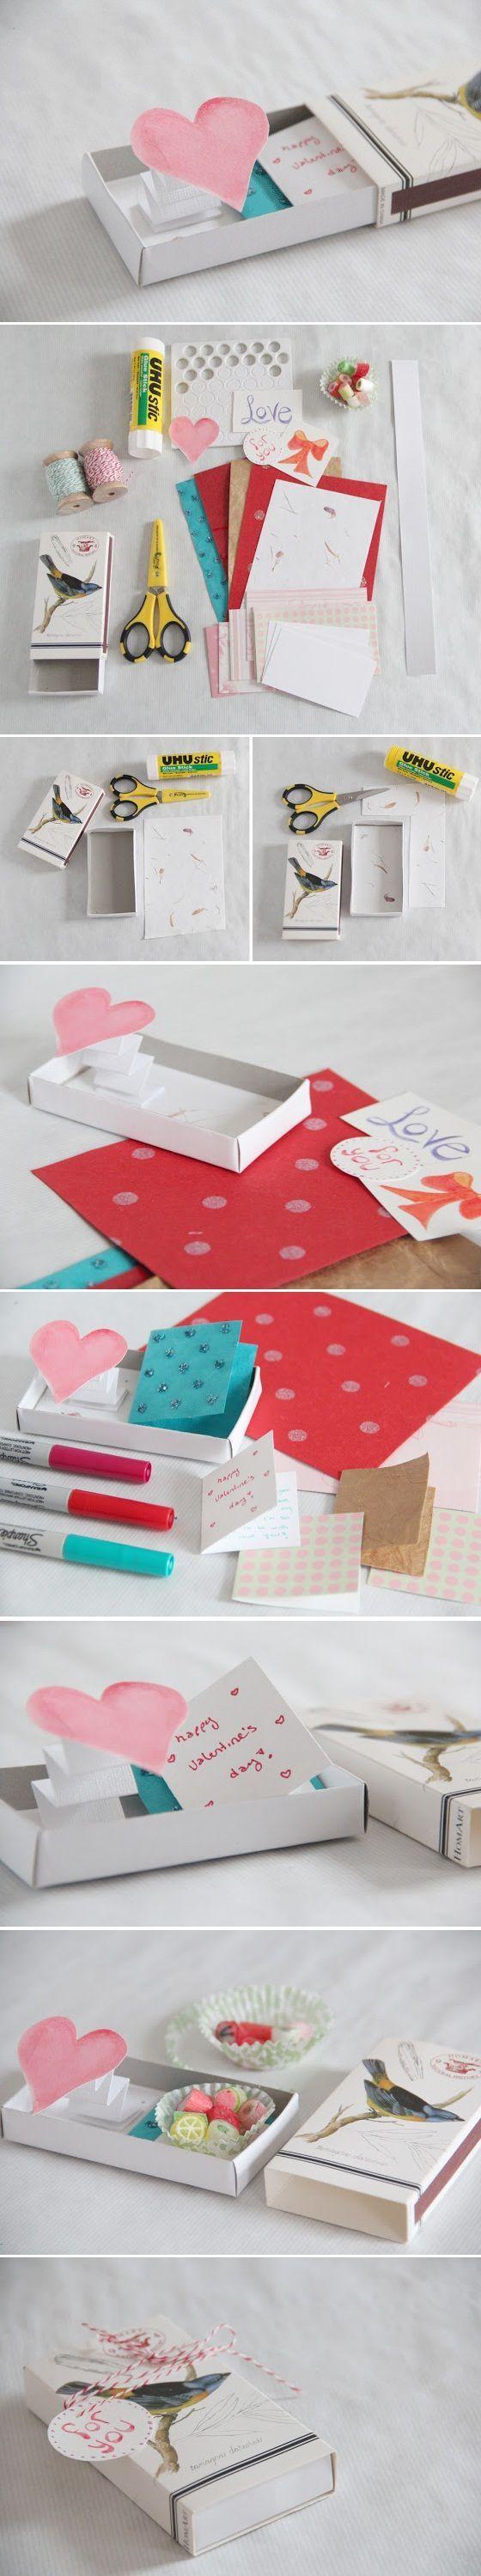 85 оригинальных идей: поделки из спичечных коробков своими руками